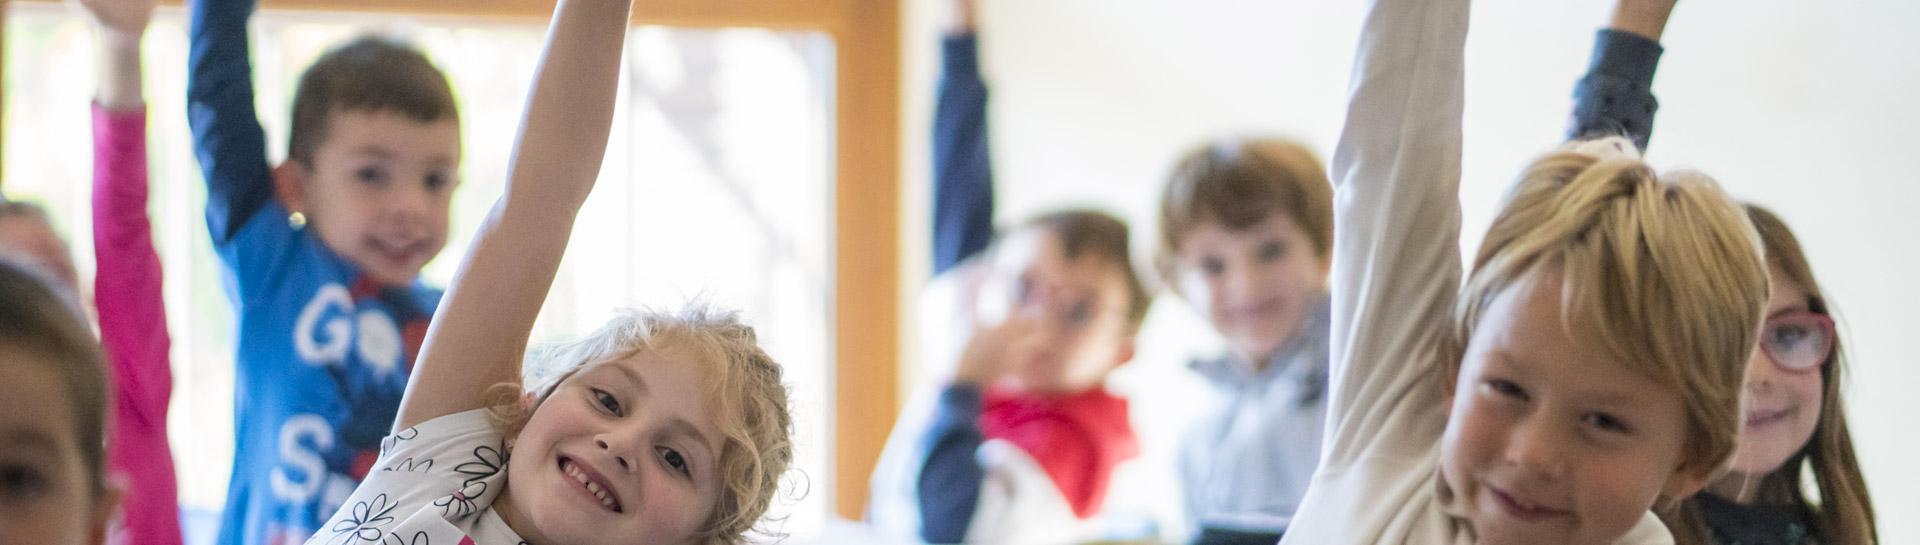 immagine bambini felici con mani alzate